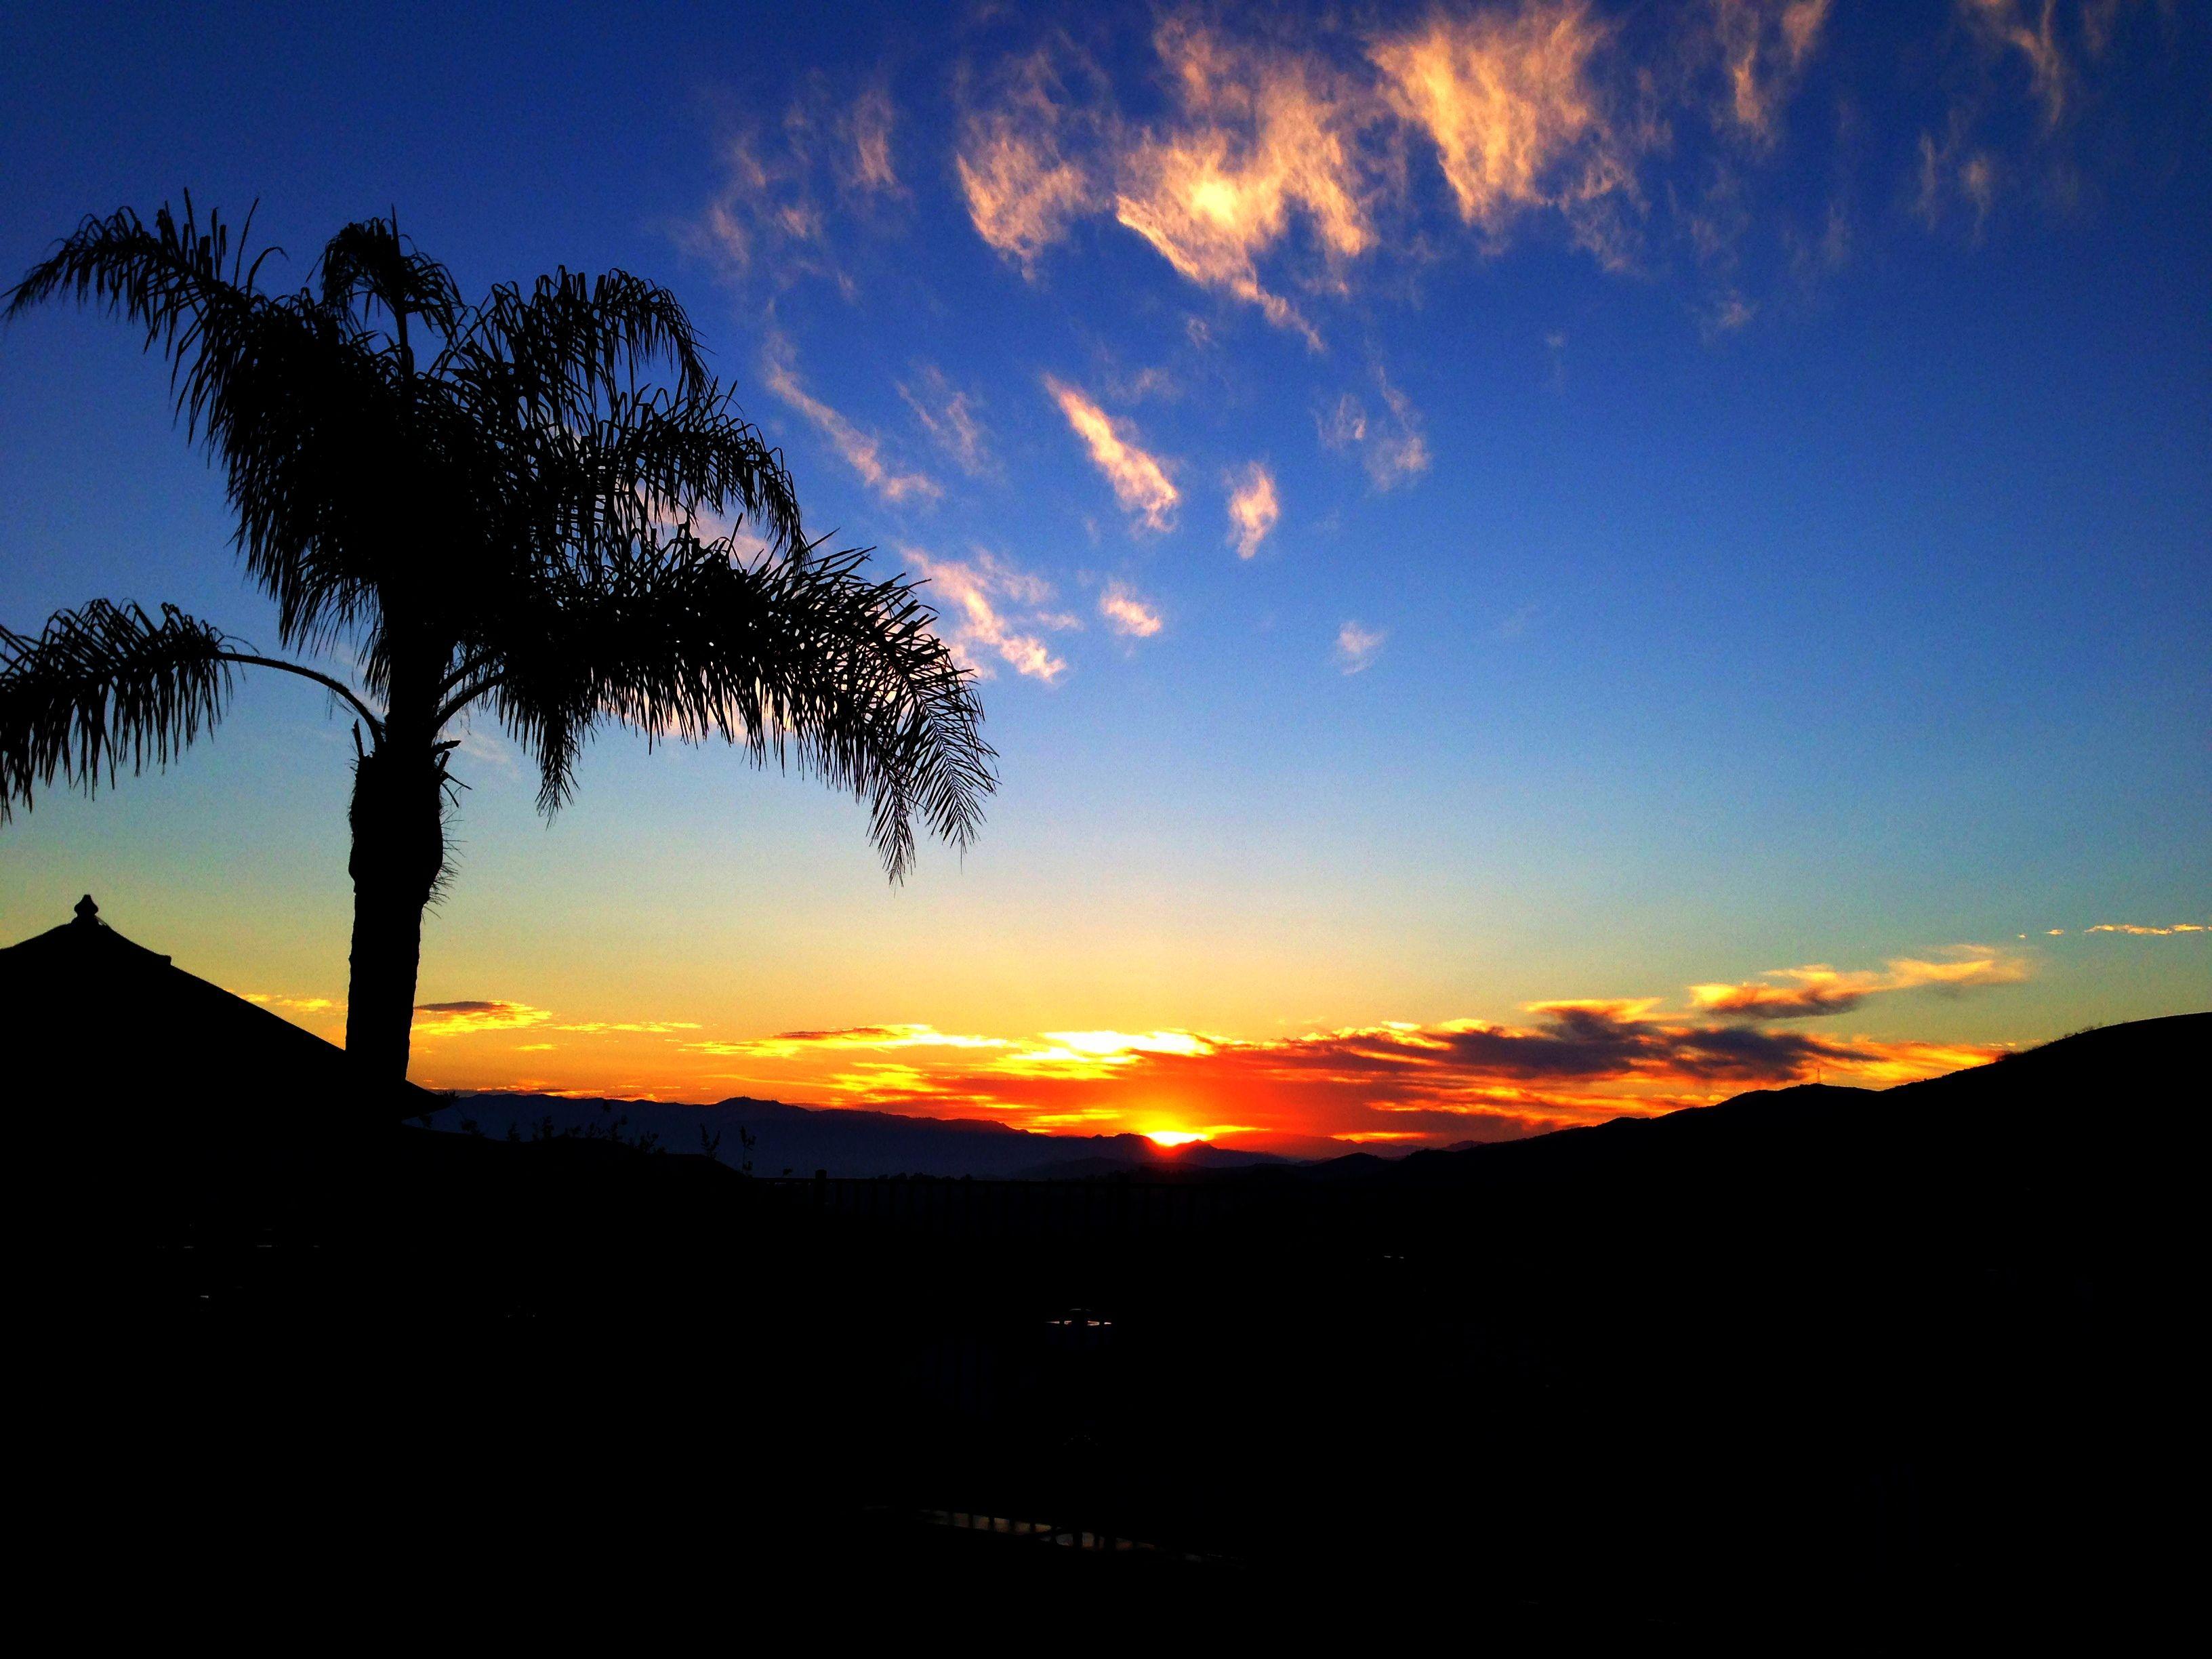 Sunrise in Cali